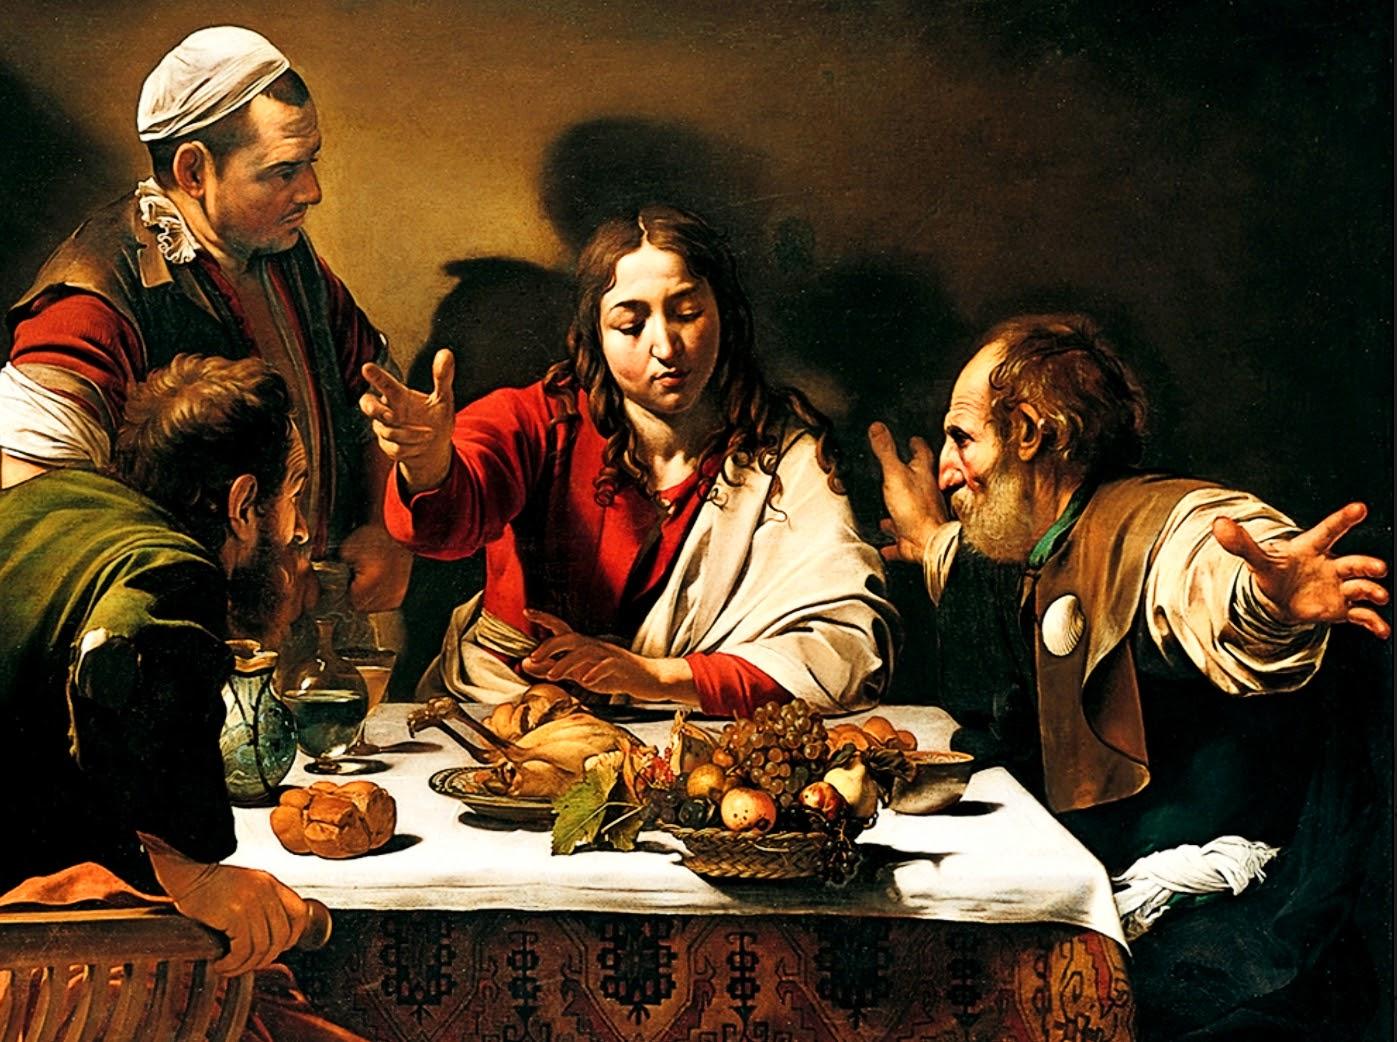 Supper at Emmaus, Michelangelo Merisi da Caravaggio